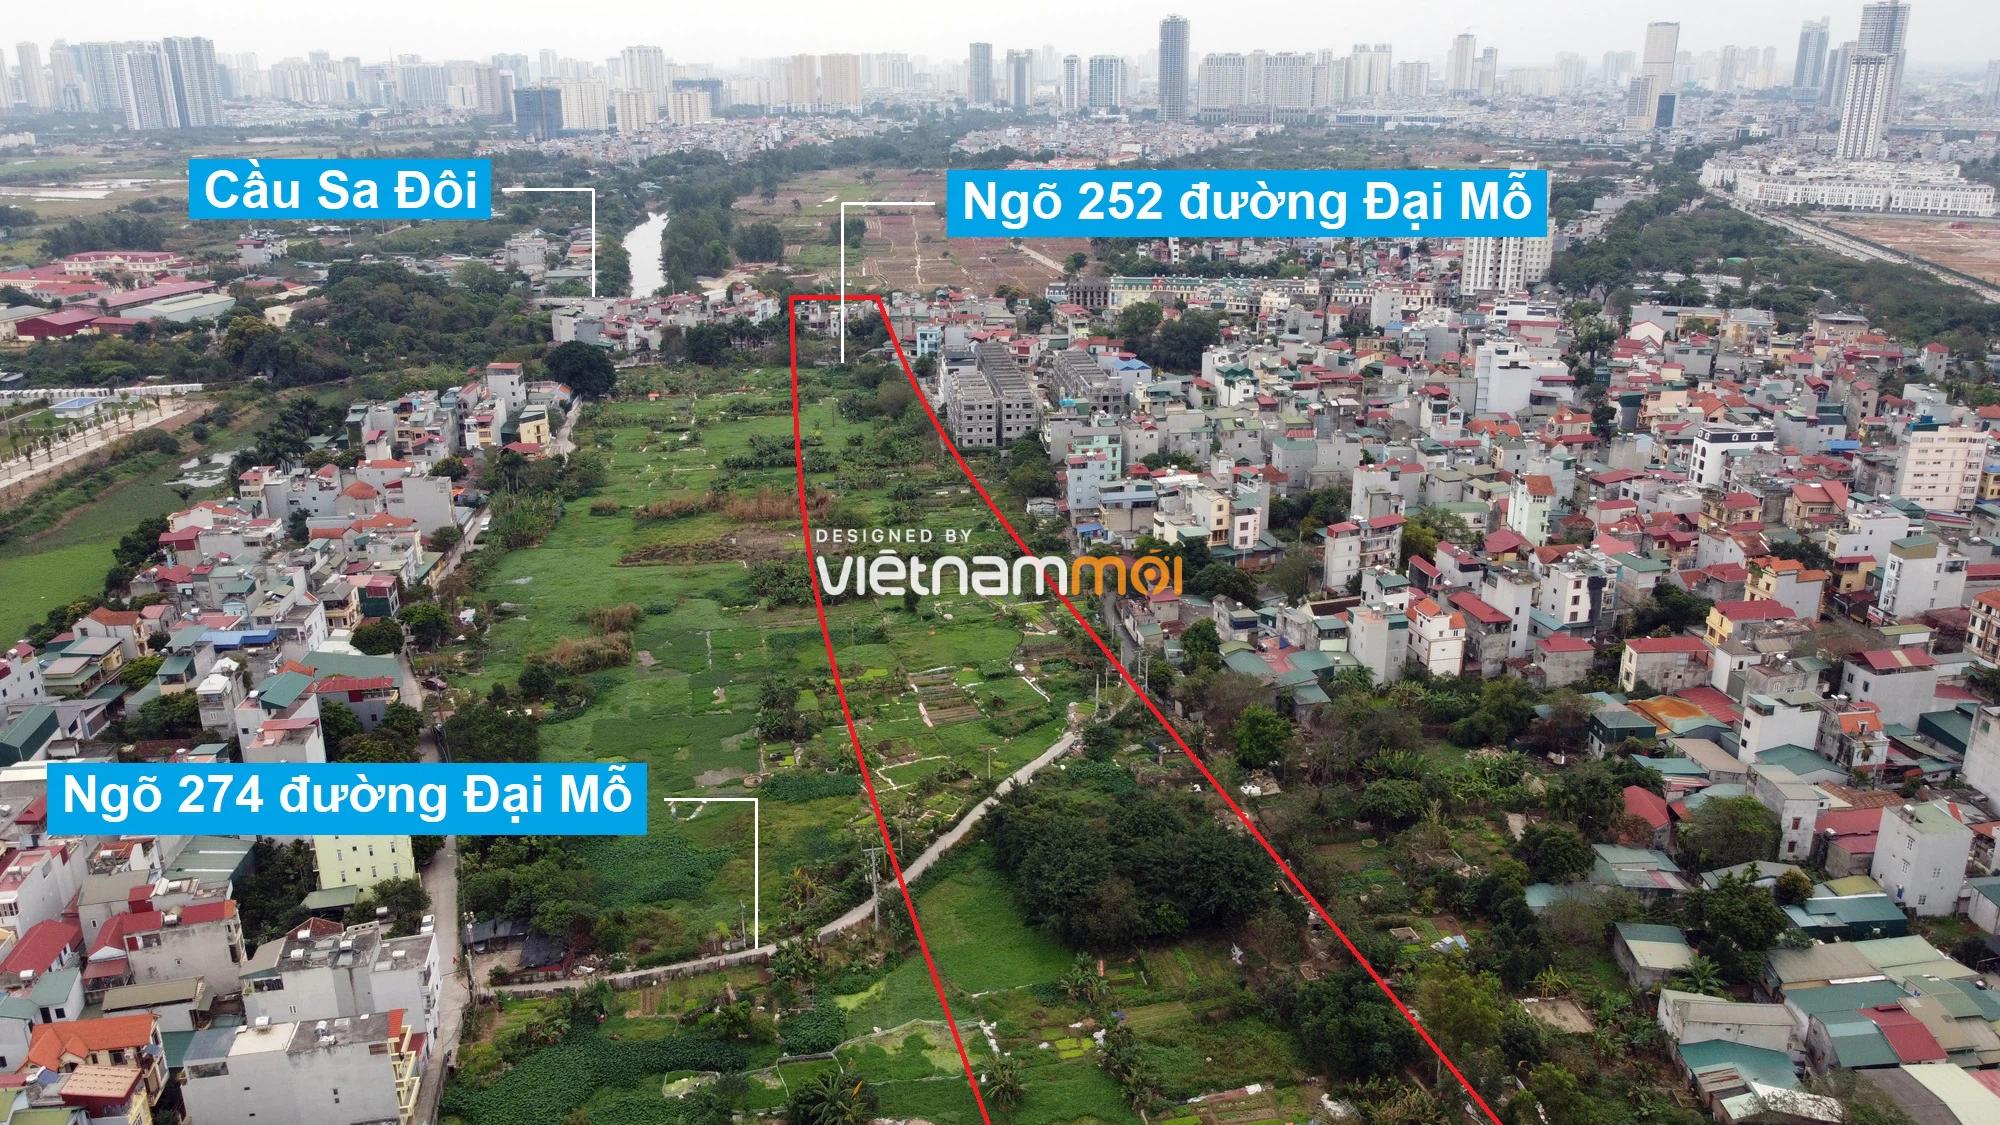 Những khu đất sắp thu hồi để mở đường ở phường Đại Mỗ, Nam Từ Liêm, Hà Nội (phần 1) - Ảnh 16.